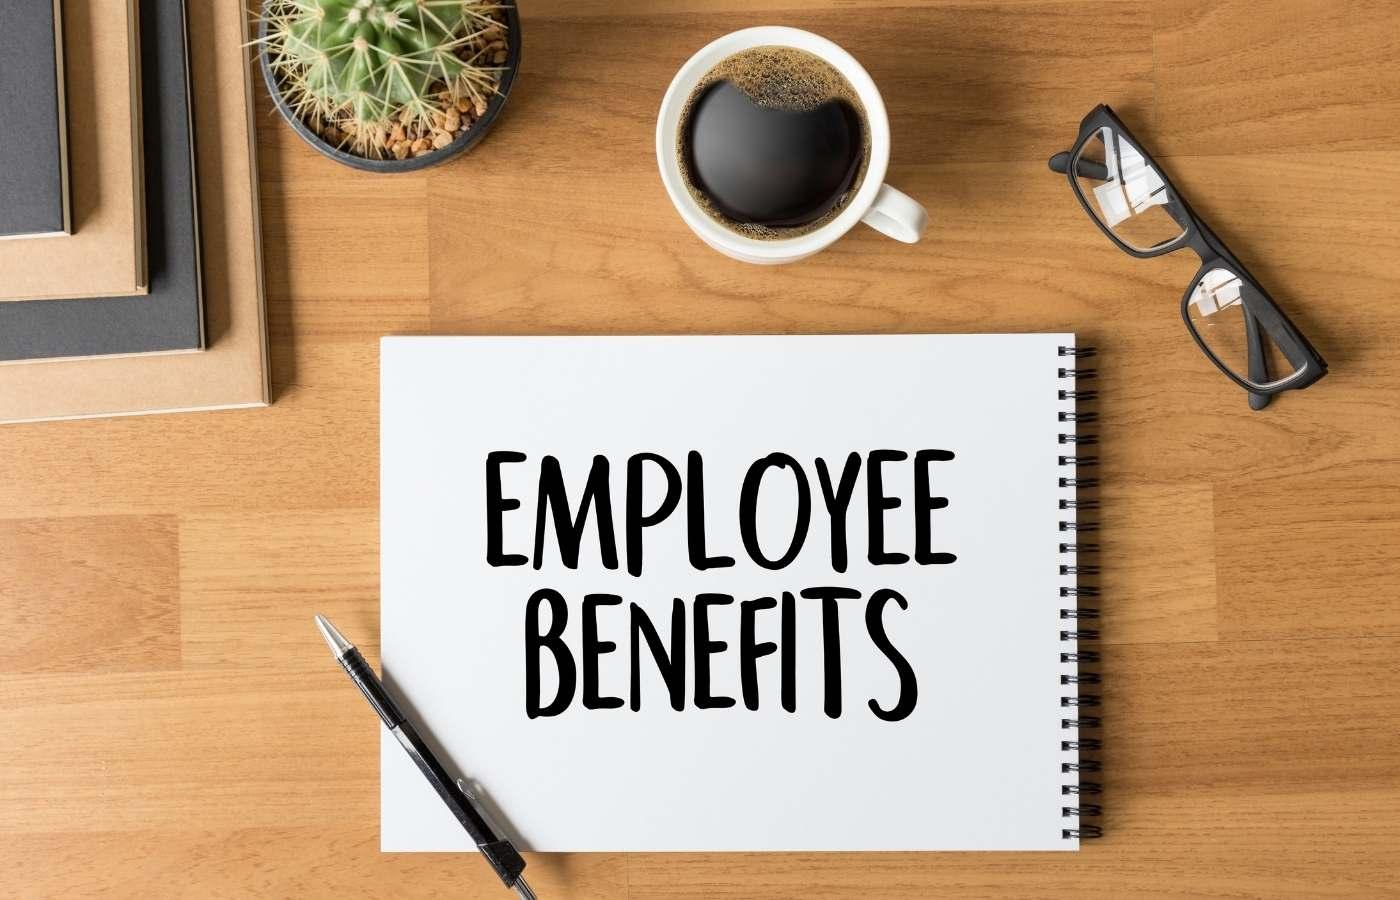 Employee Benefits Attrition Survey